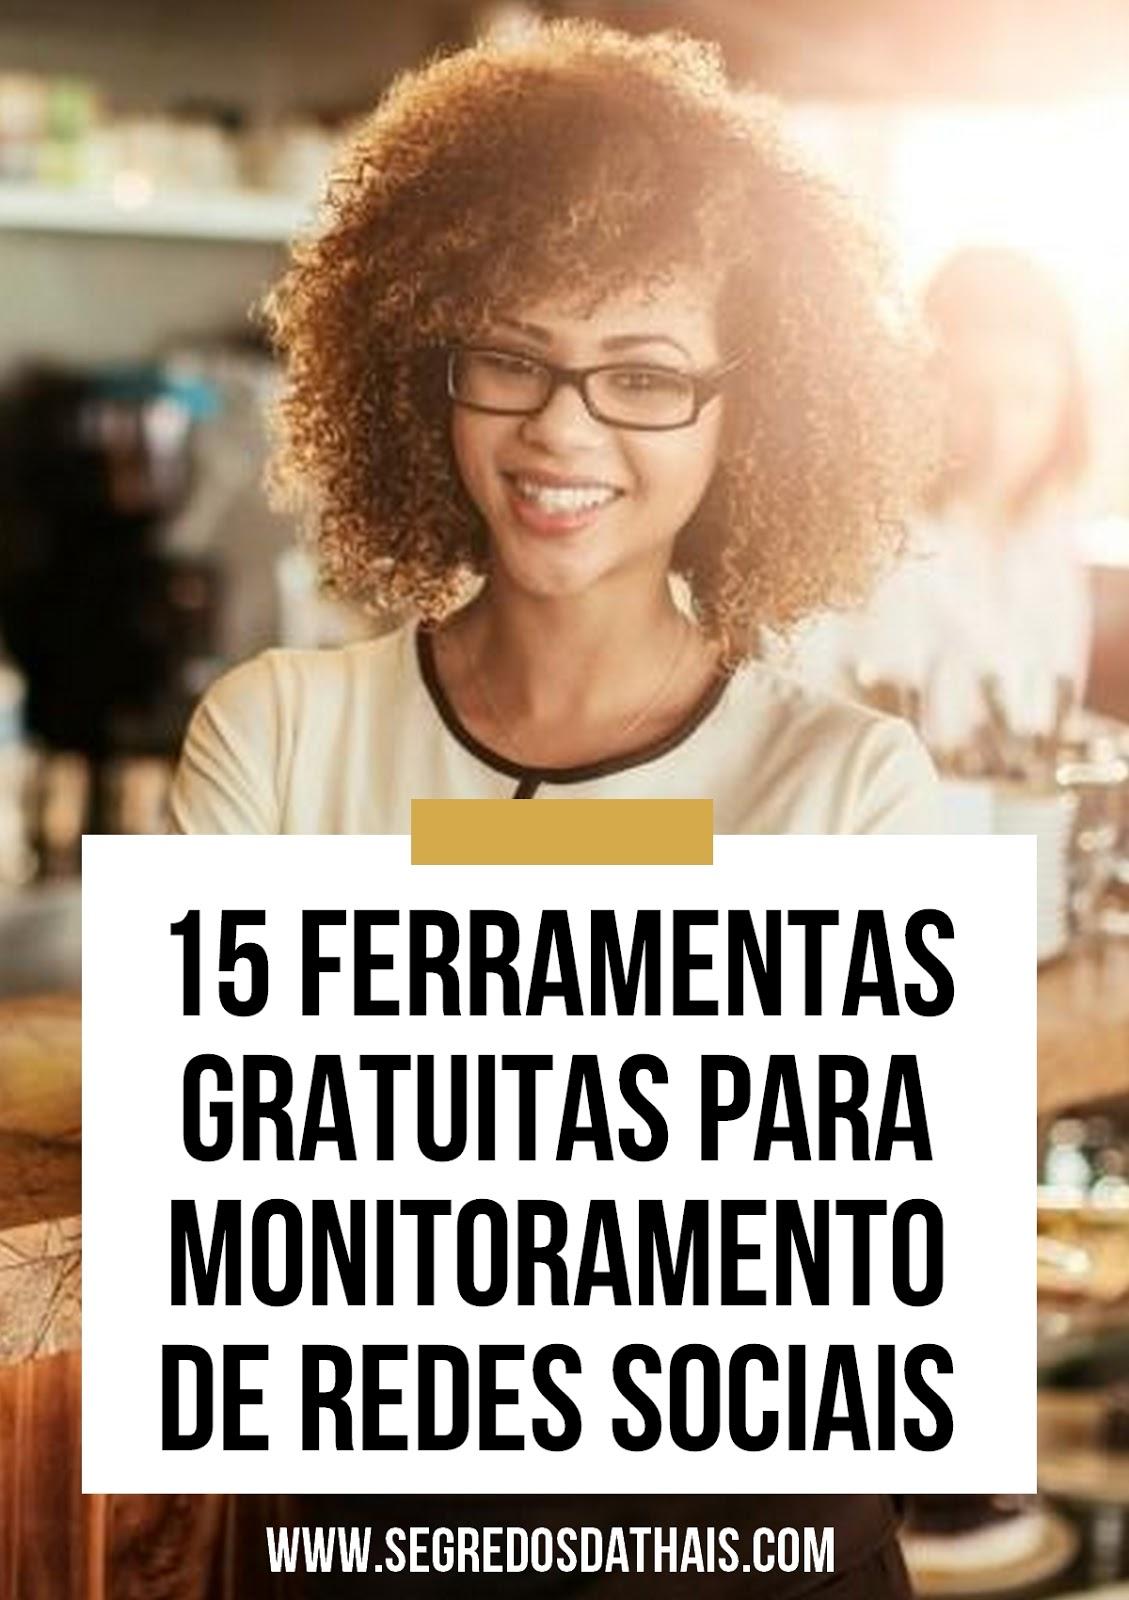 15 Ferramentas Gratuitas para Monitoramento de Redes Sociais